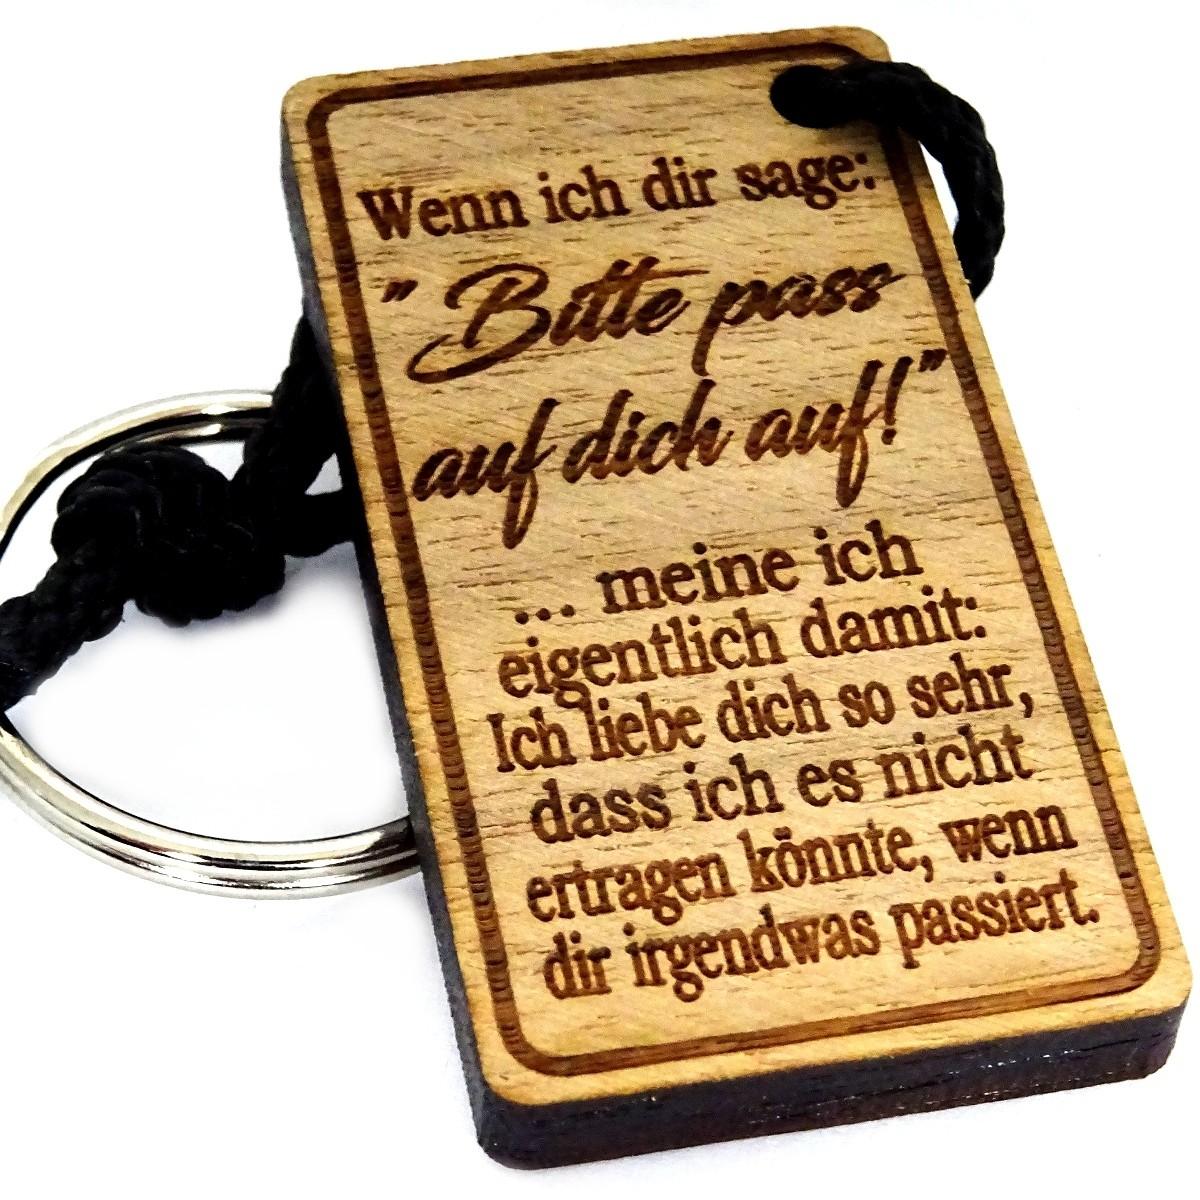 Schlüsselanhänger aus Holz Modell: Wenn ich dir sage